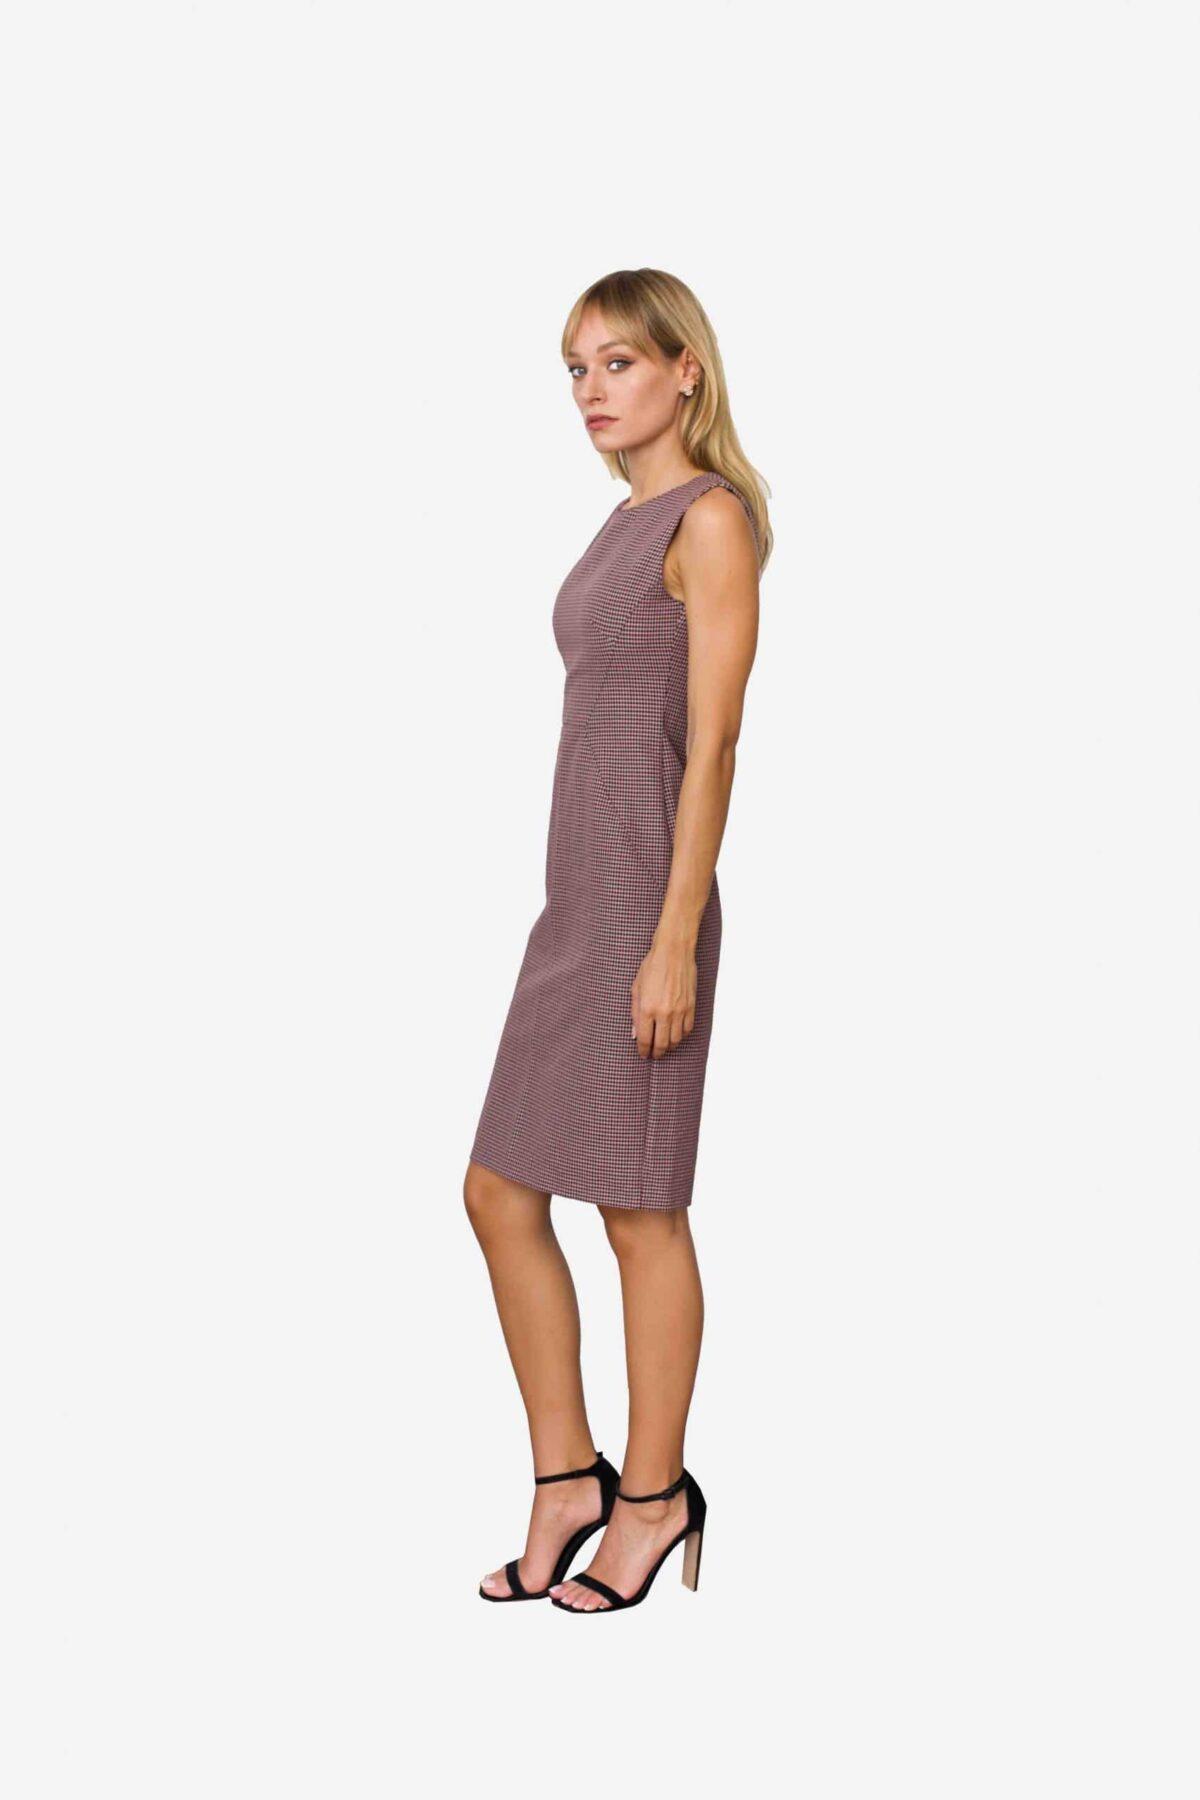 Kleid Defne von SANOGE. Figurbetontes Etuikleid ärmellos mit Pepita Muster in rose, altrosa und grau. Mit Stretch. Mode aus Deutschland.